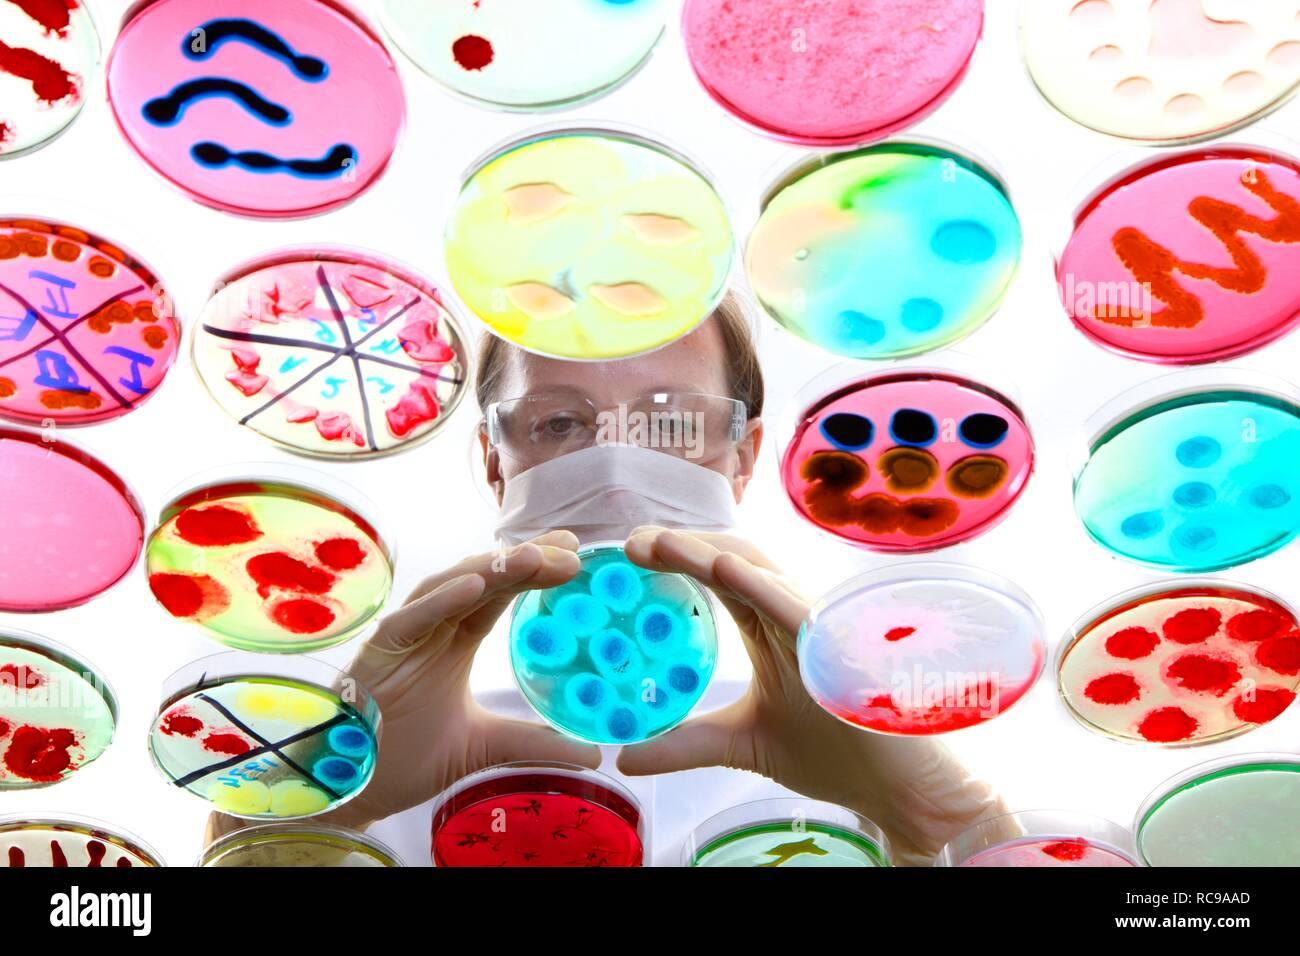 Analisi di colture batteriche, batteri che crescono in capsule di petri Immagini Stock